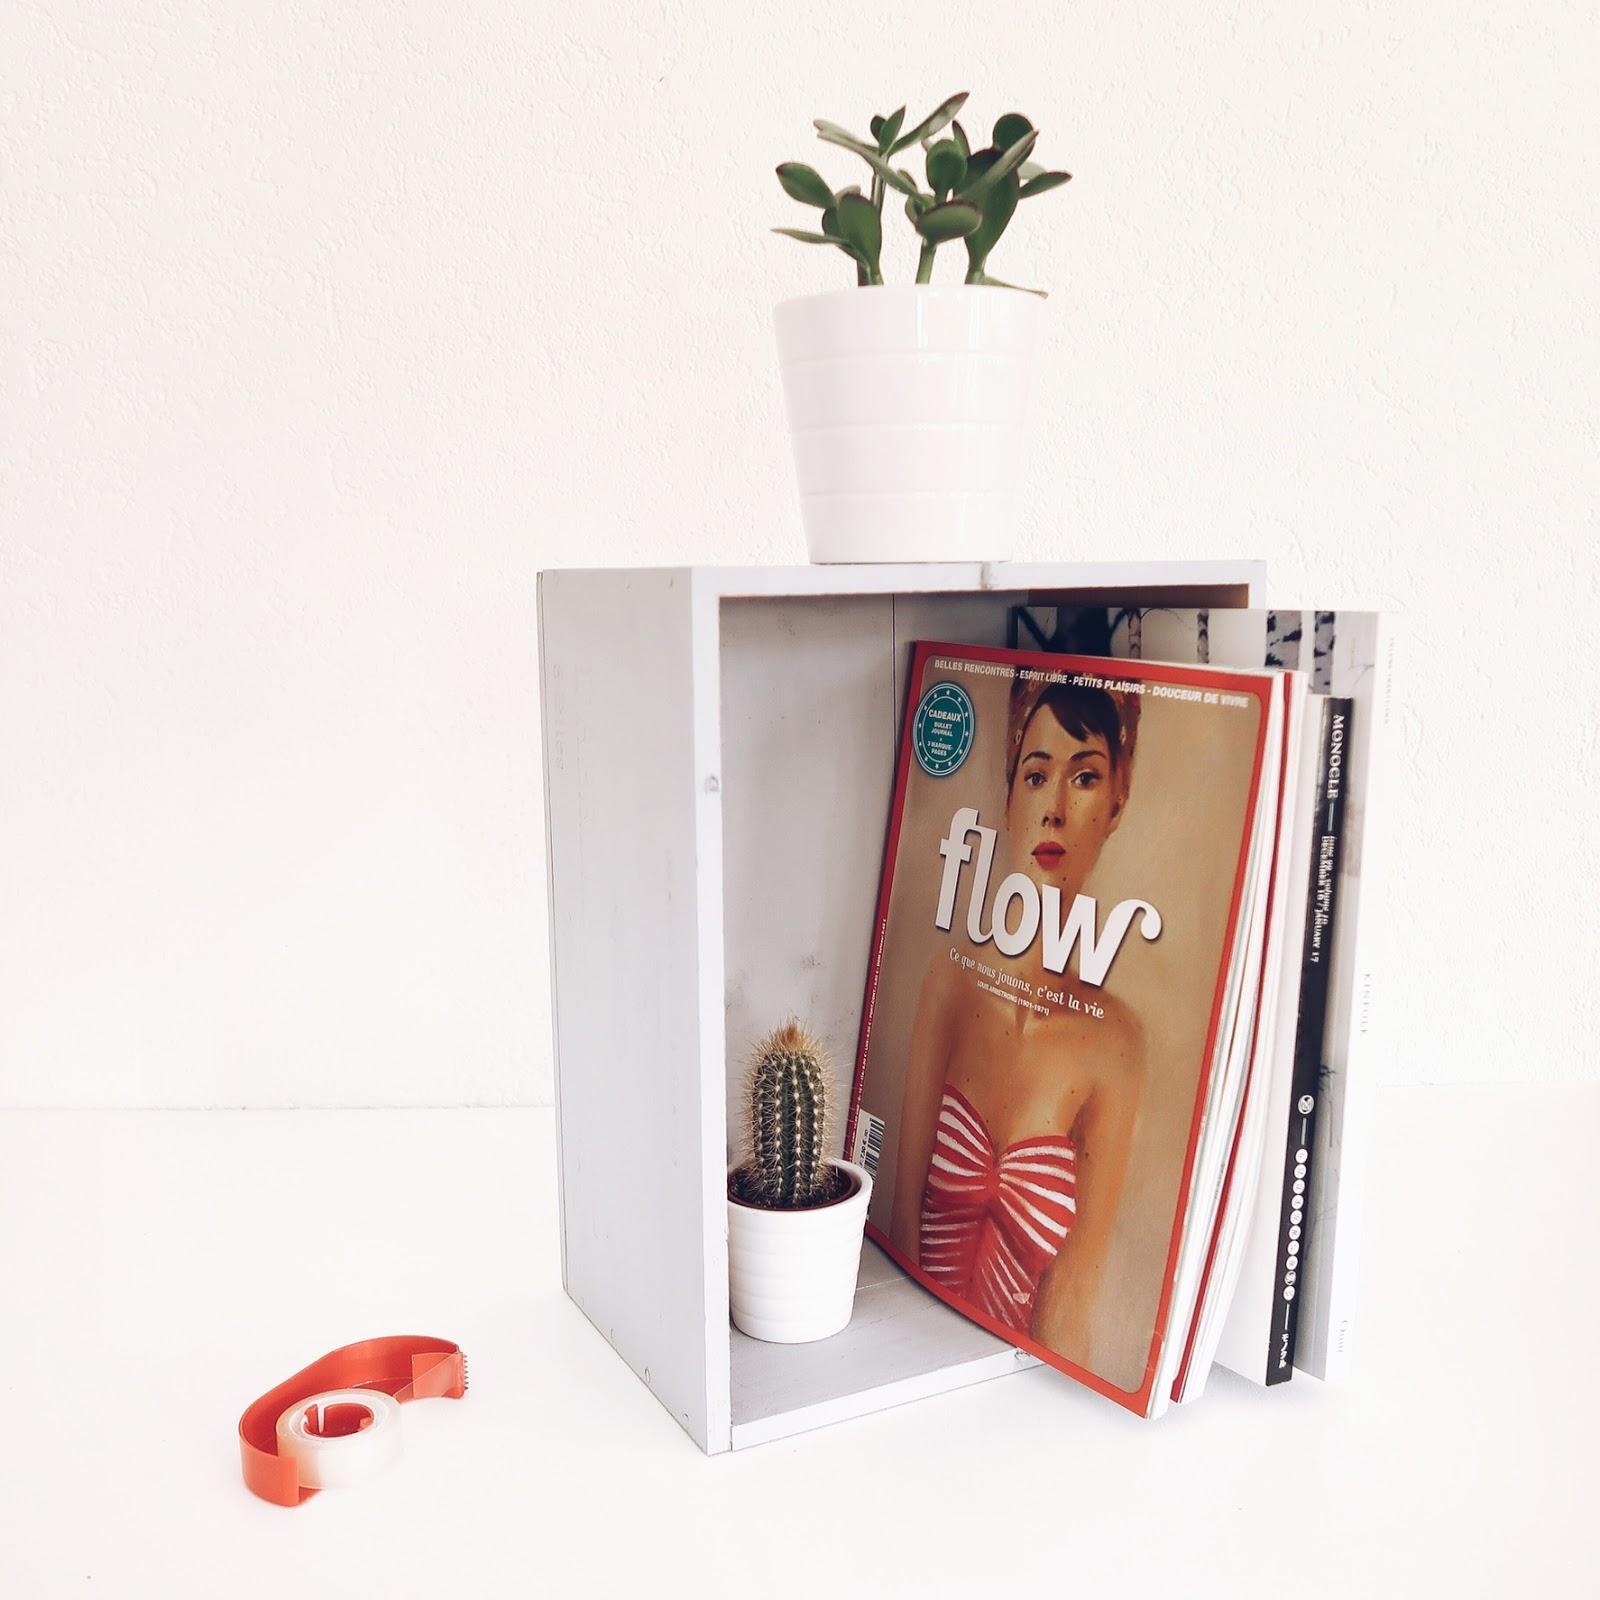 Novo DIY sobre reutilizar uma caixa de vinhos e utilização do novo estúdio